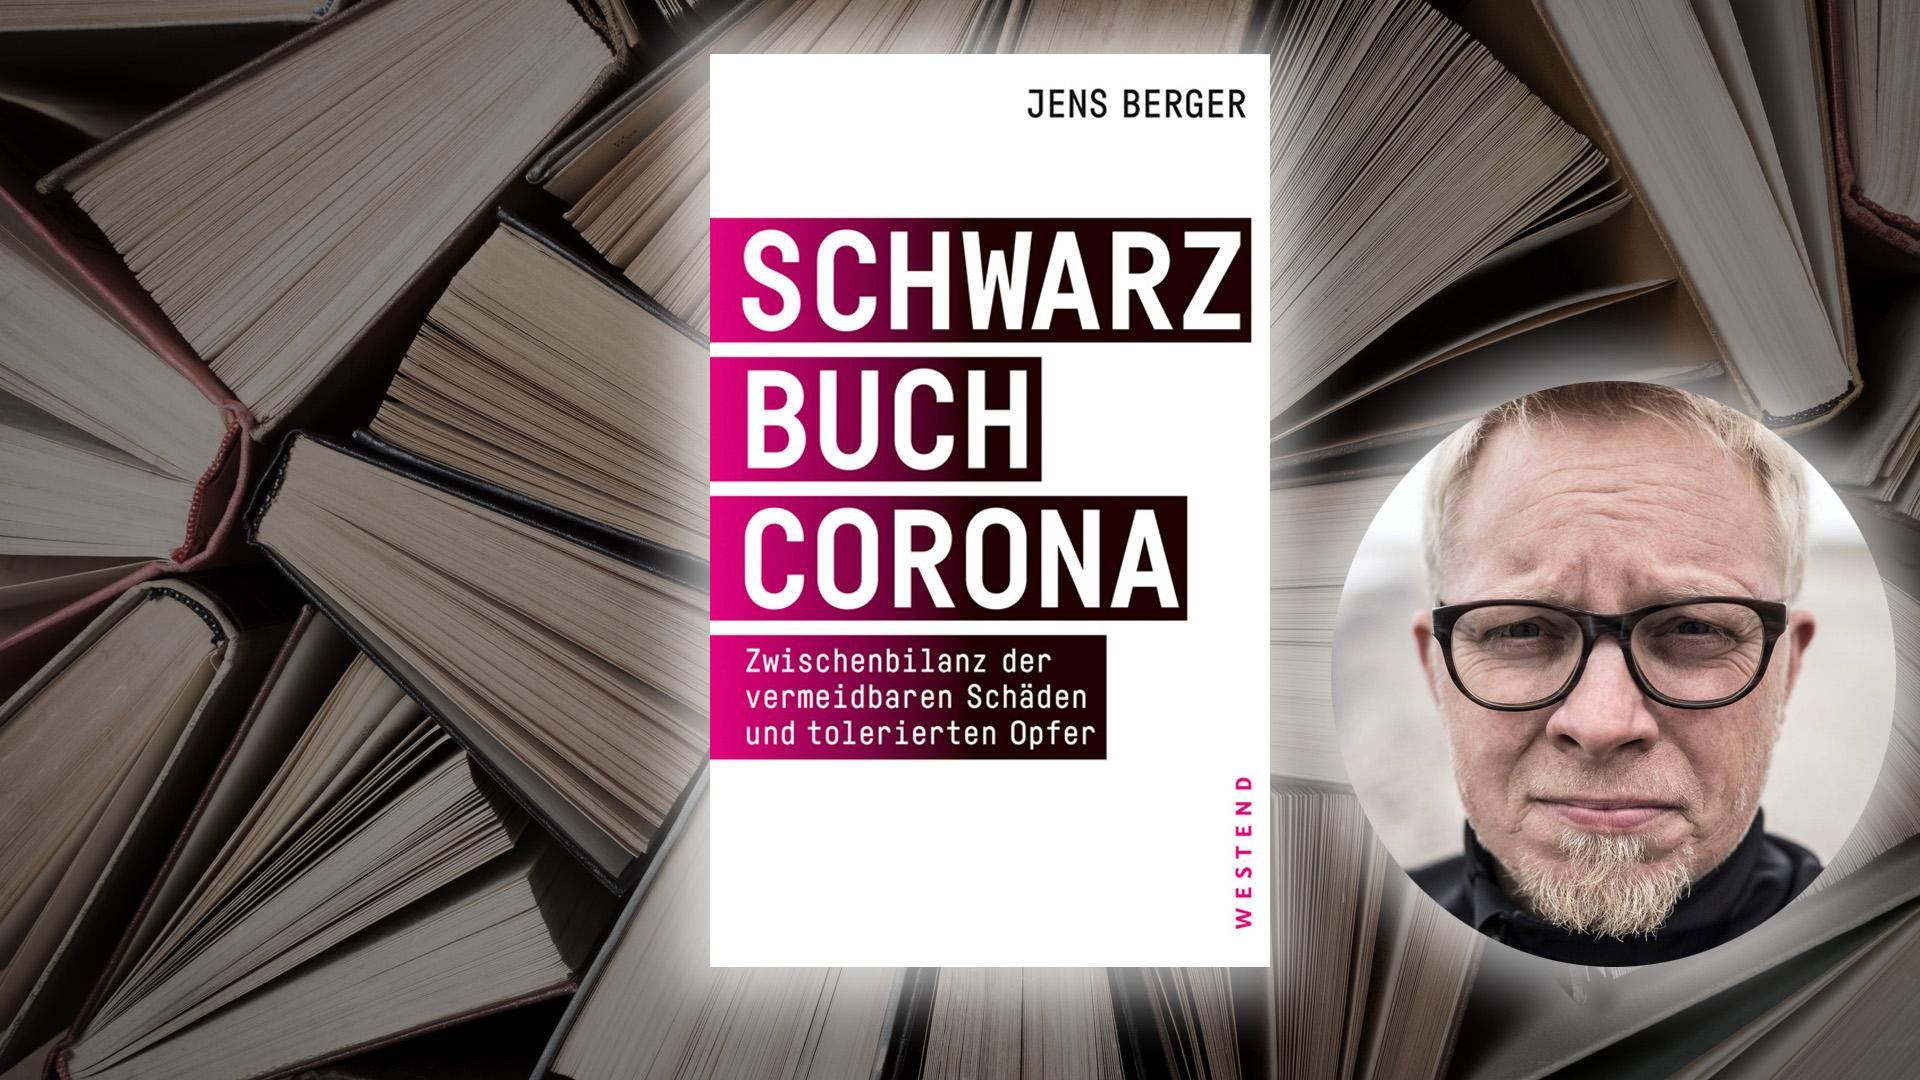 schwarzbuch-corona-–-eine-zwischenbilanz-der-vermeidbaren-schaden-und-tolerierten-opfer